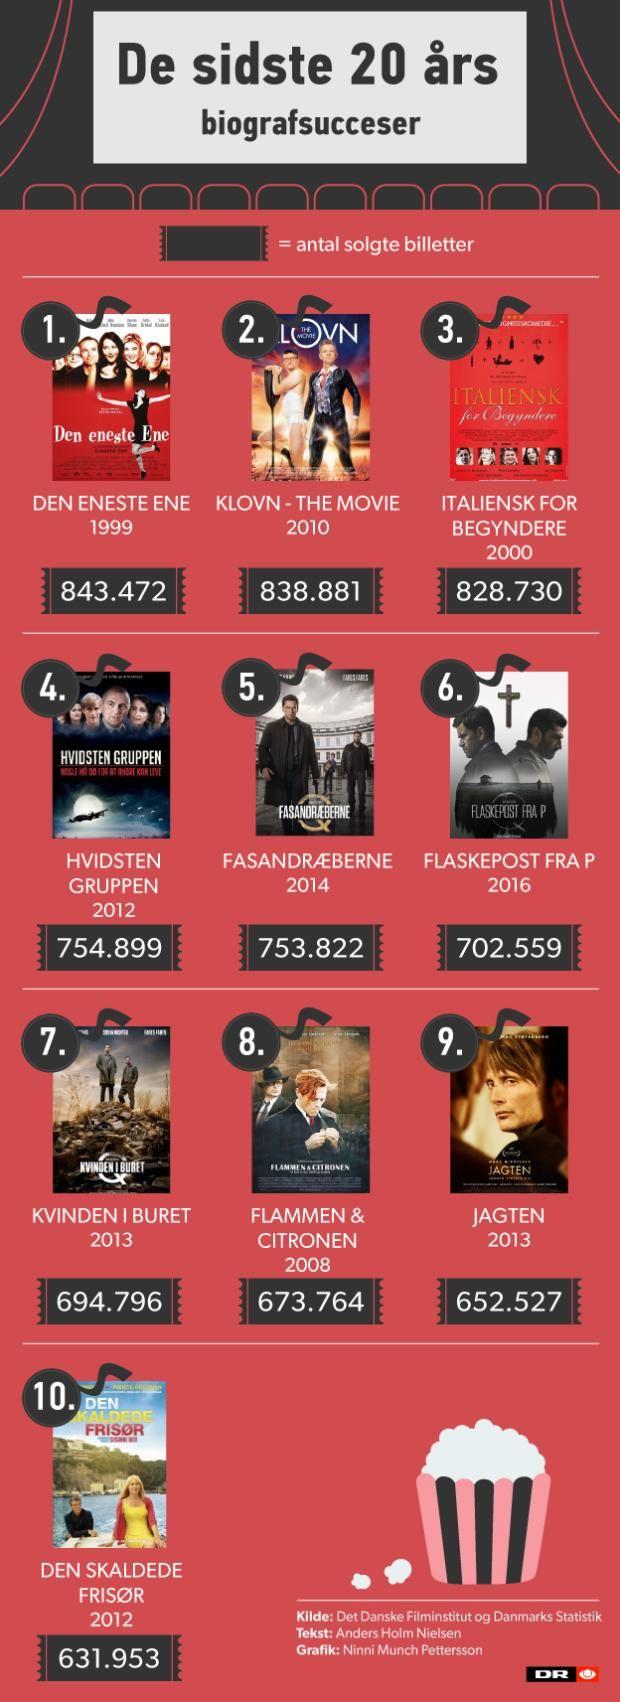 Disse film toppede og floppede i biograferne i 2016 | Kultur | DR